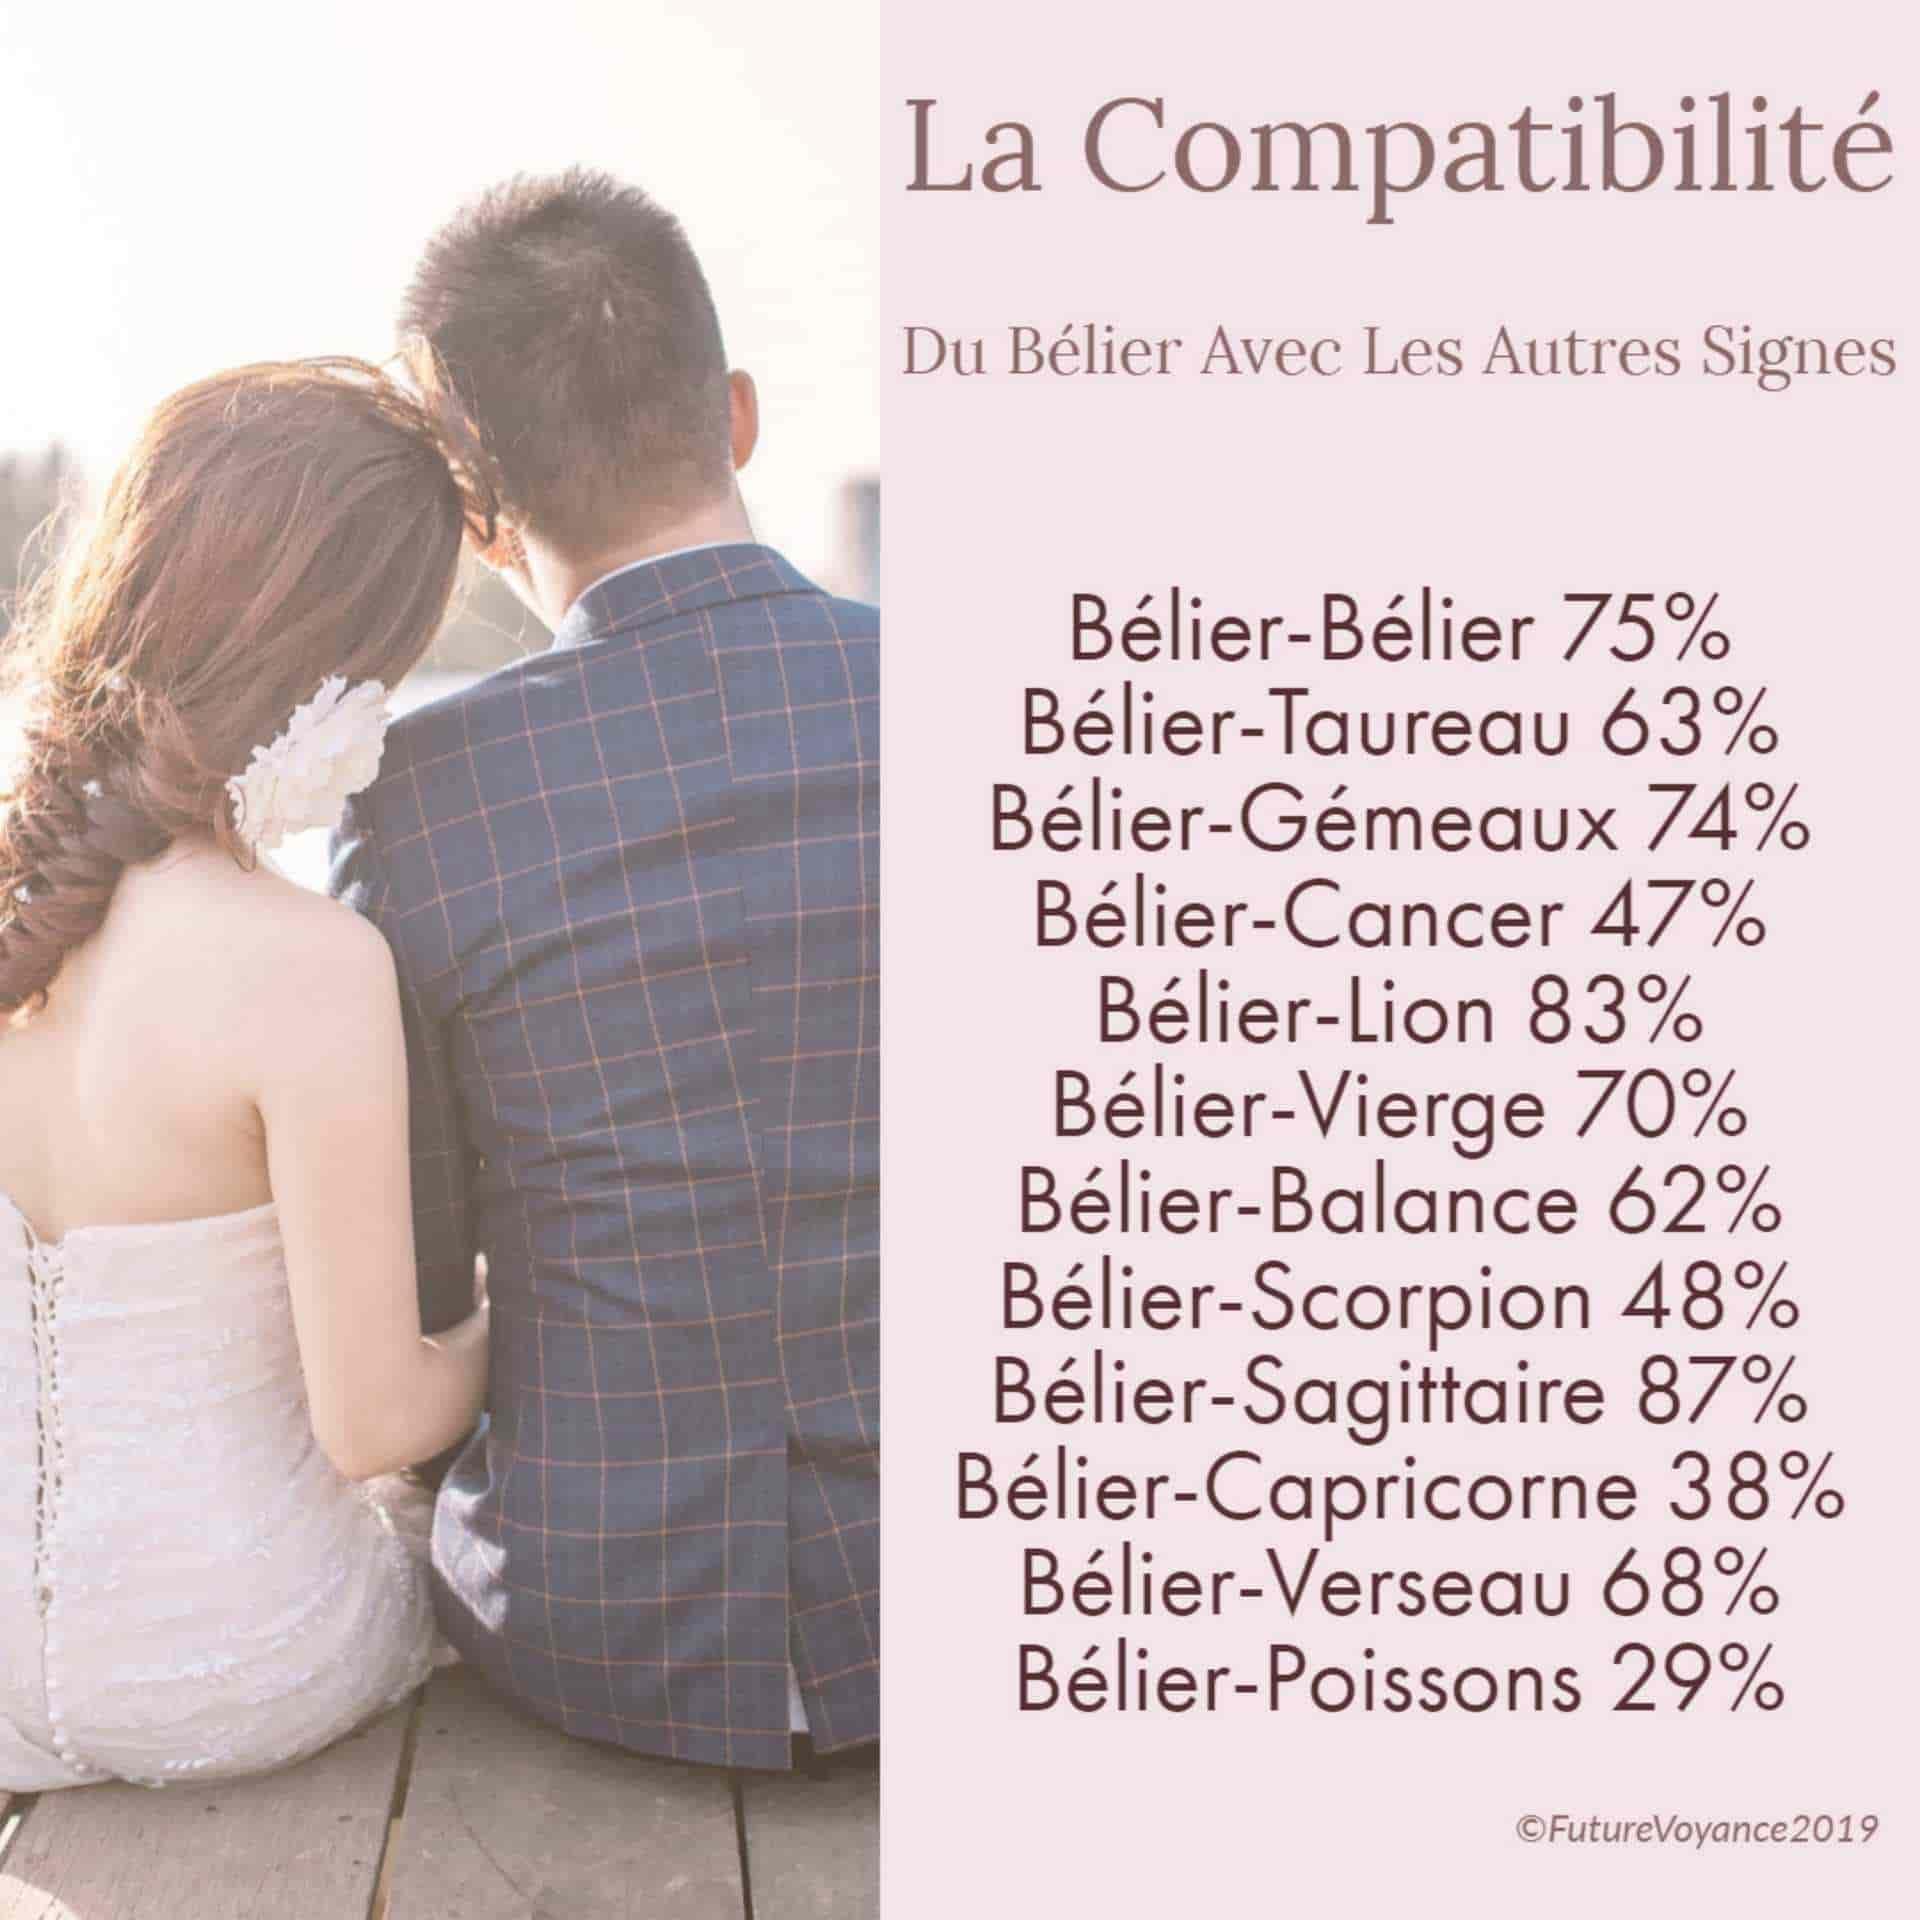 Compatibilité Verseau Taureau compatibilité bélier vs autres signes – sexe, confiance